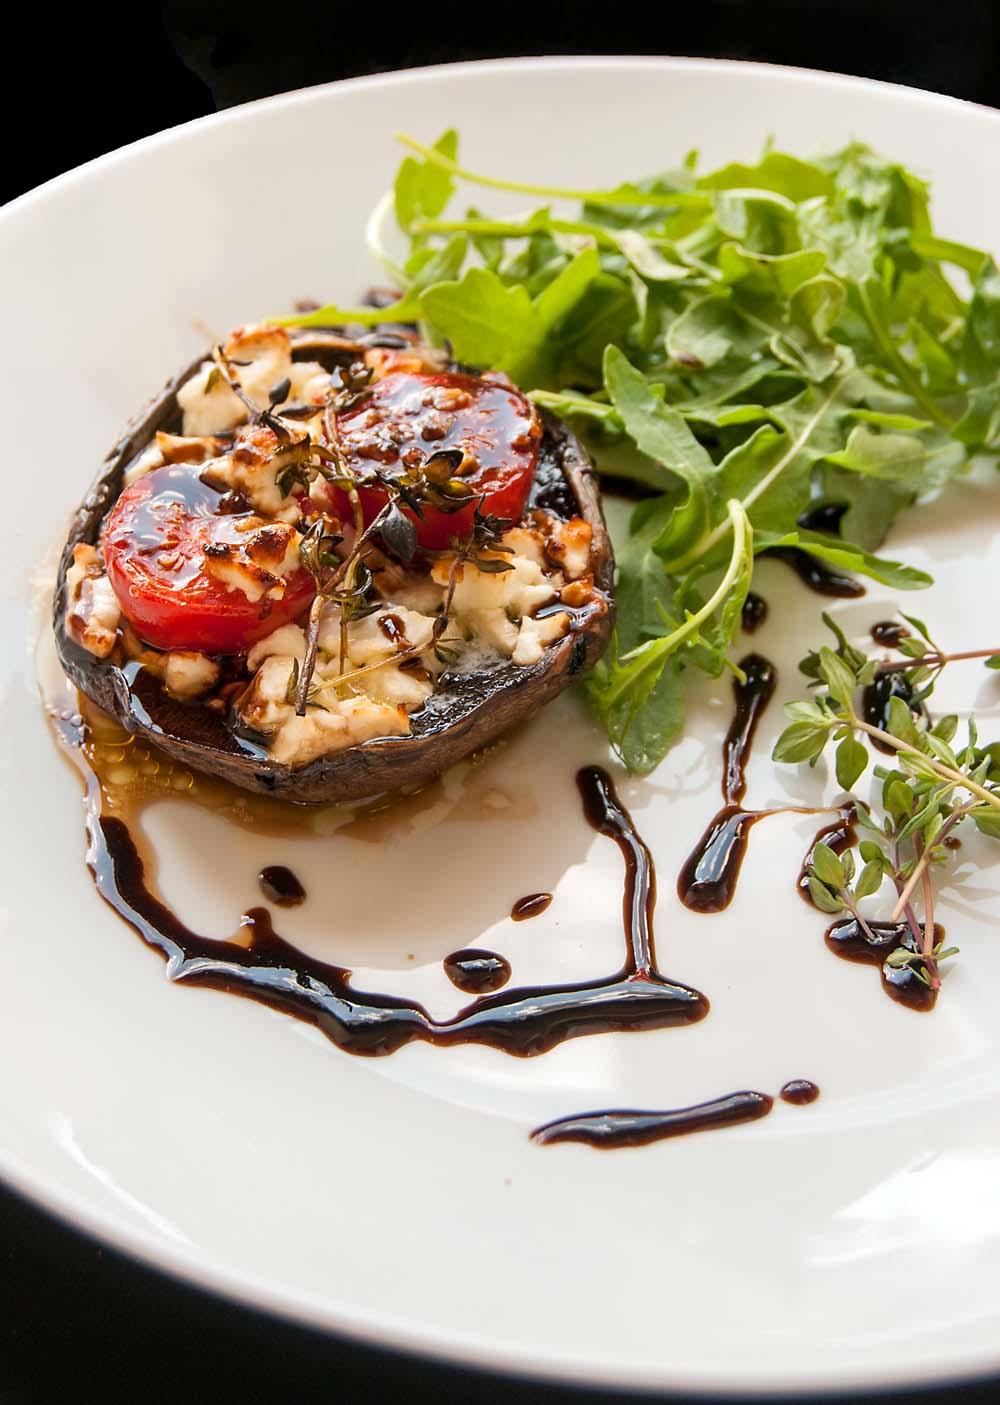 Feta and tomato stuffed Portobello